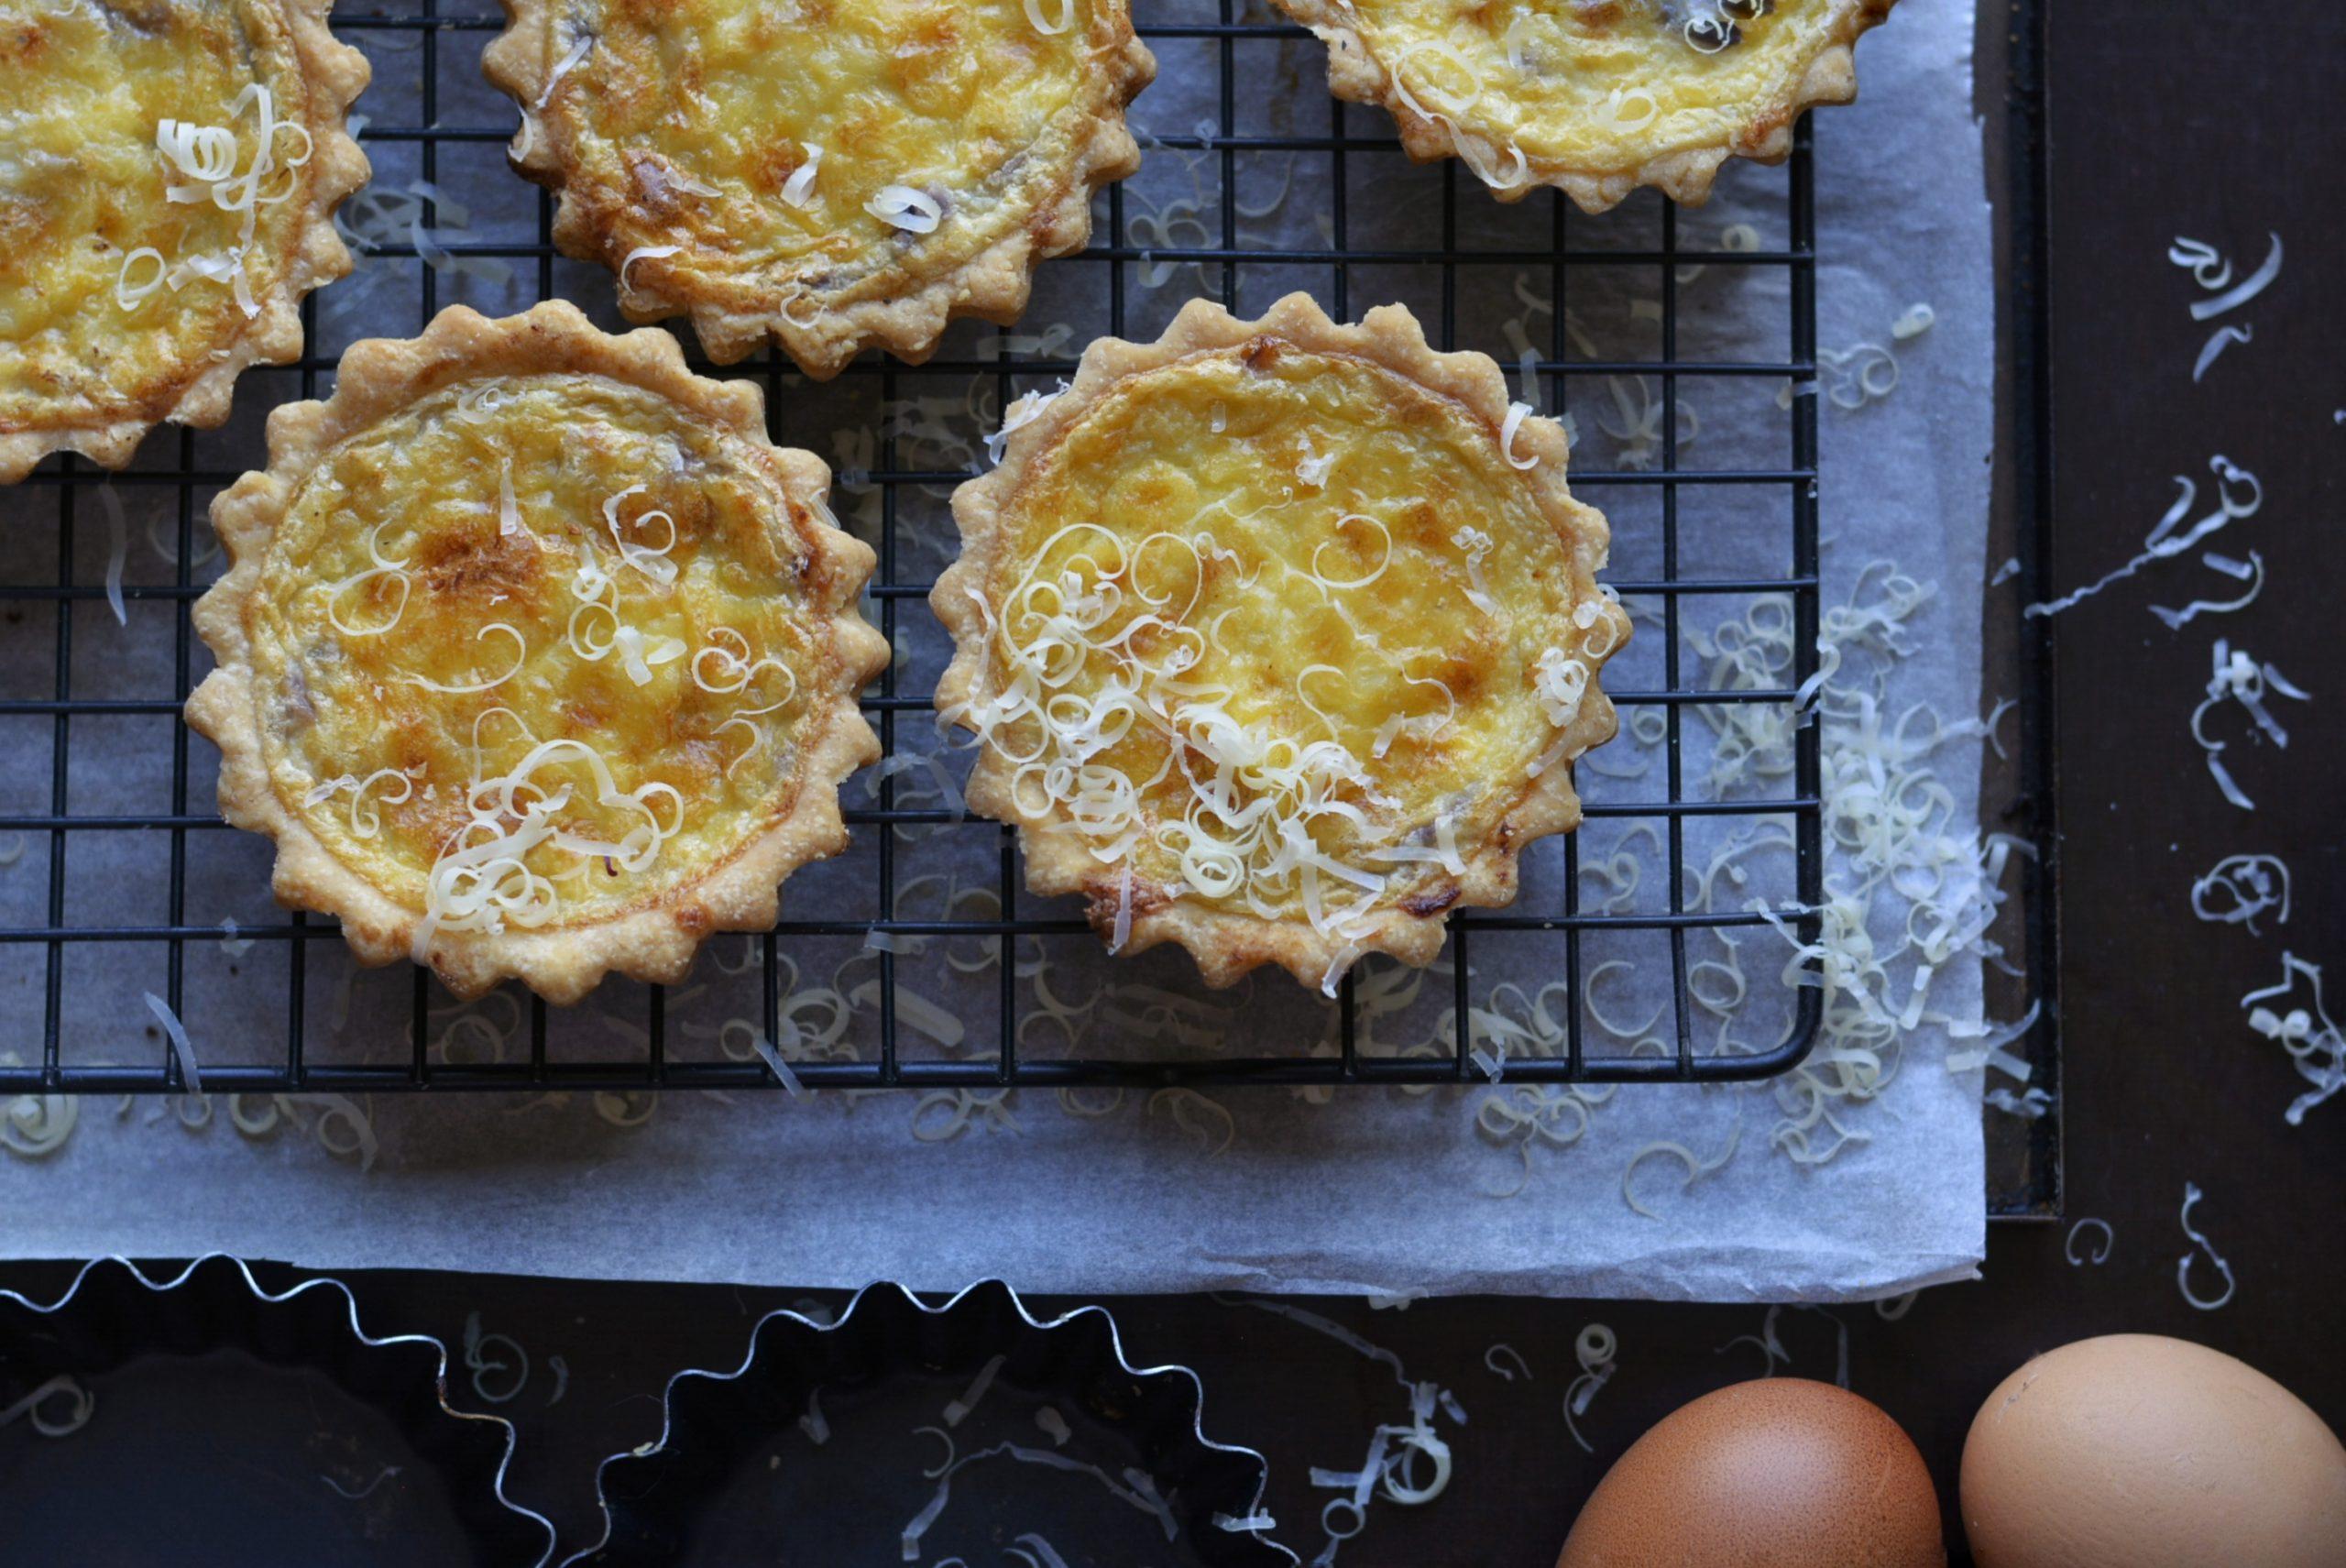 Je bekijkt nu Uien quiche – Onion quiche